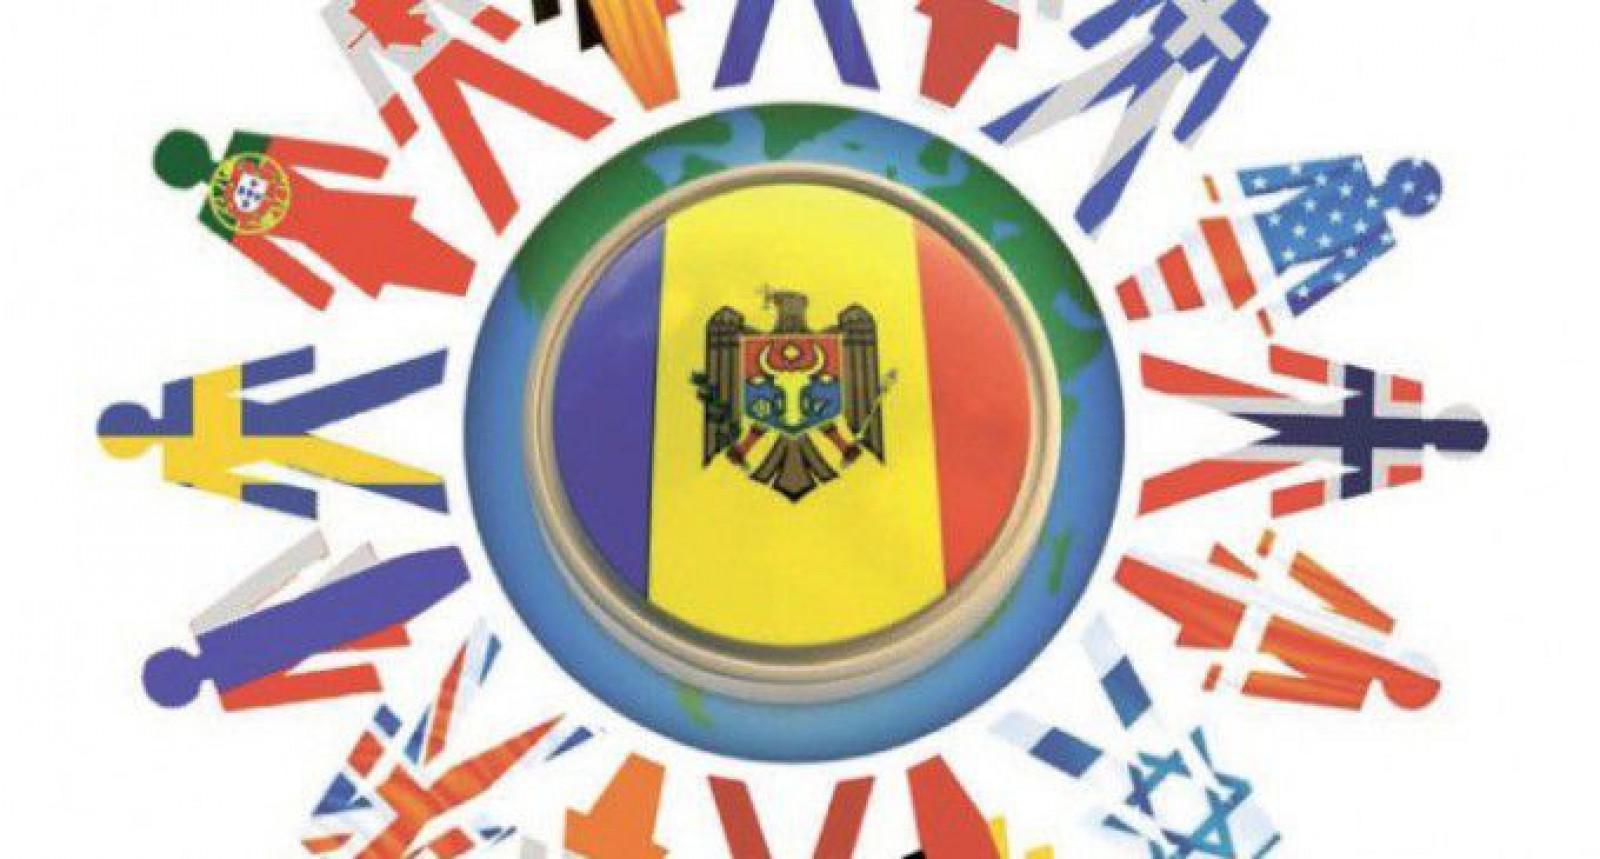 Biroul Relații cu Diaspora oferă granturi pentru moldovenii aflați peste hotare. Care sunt condițiile